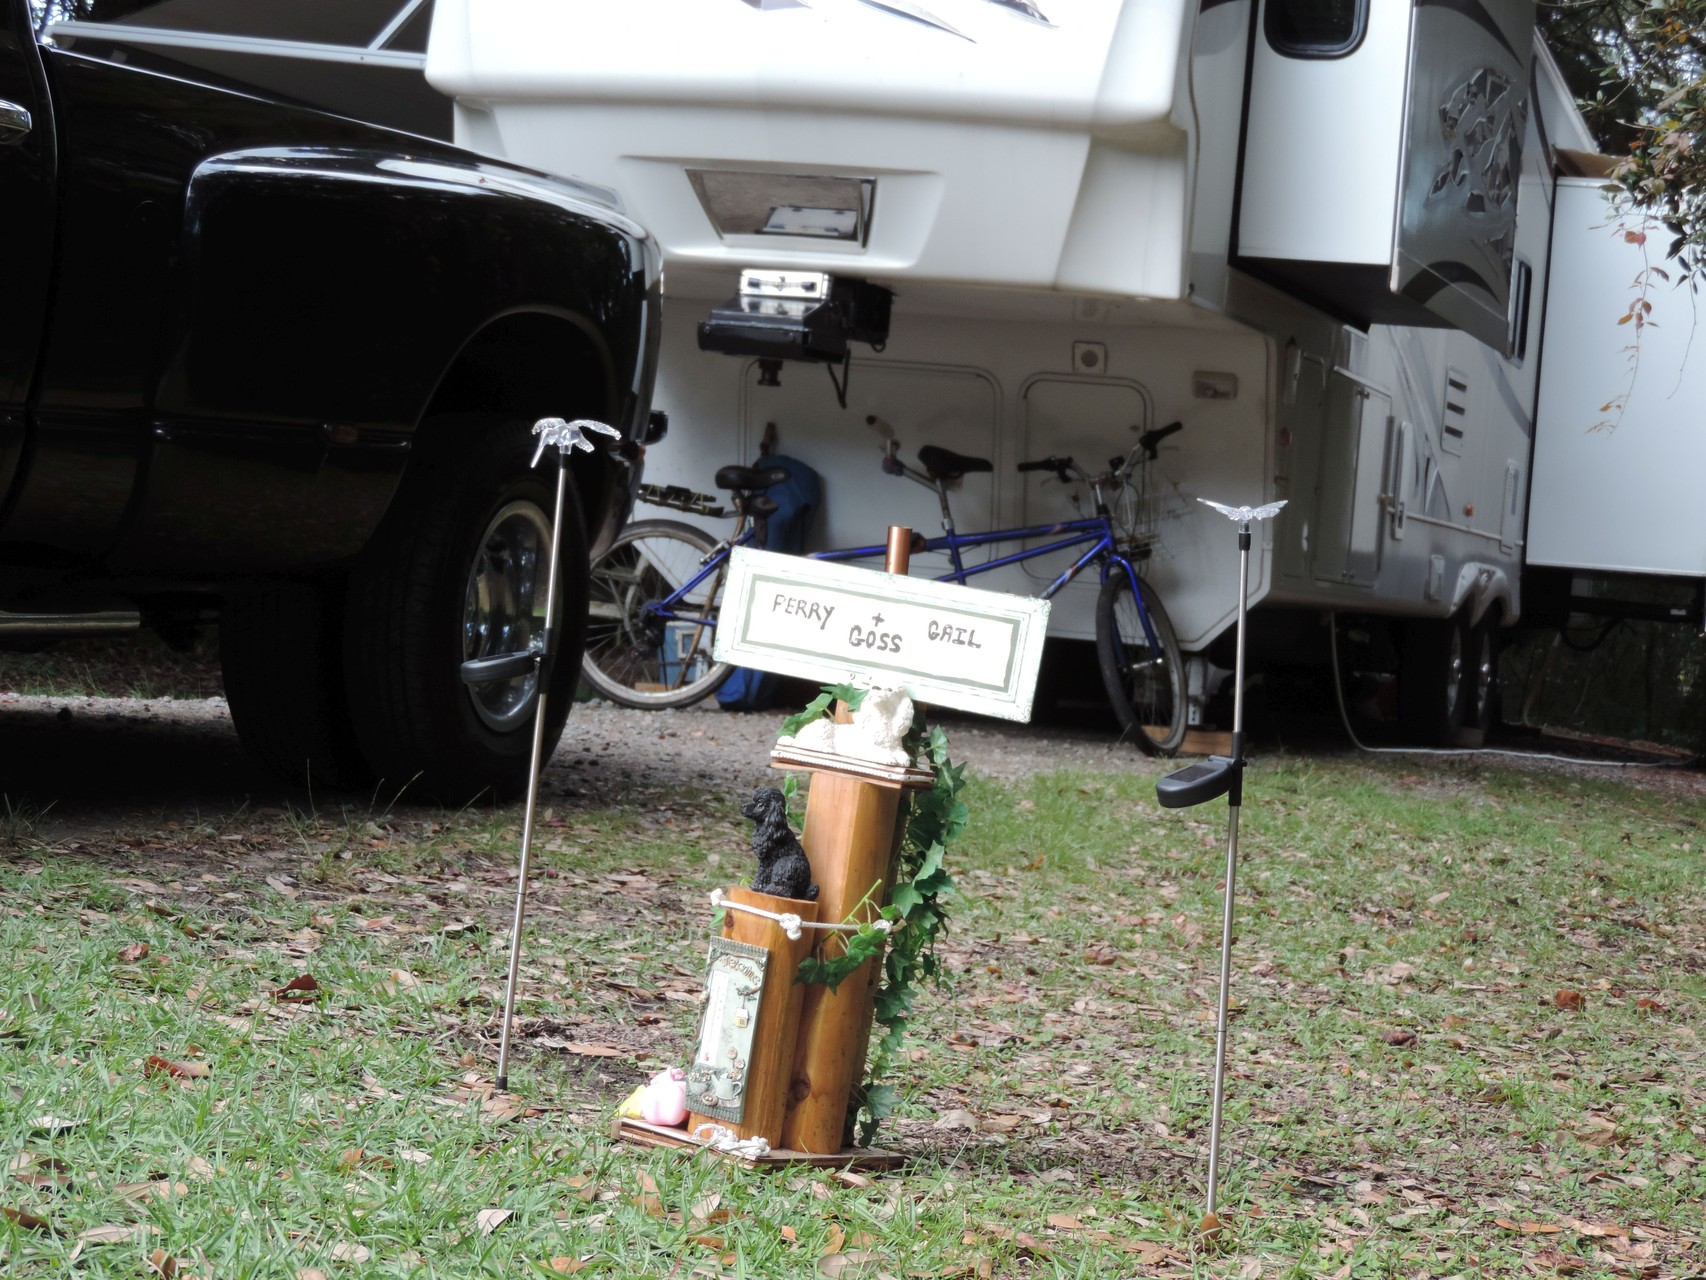 Dackel Gedenkstätte auf einem Campingplatz